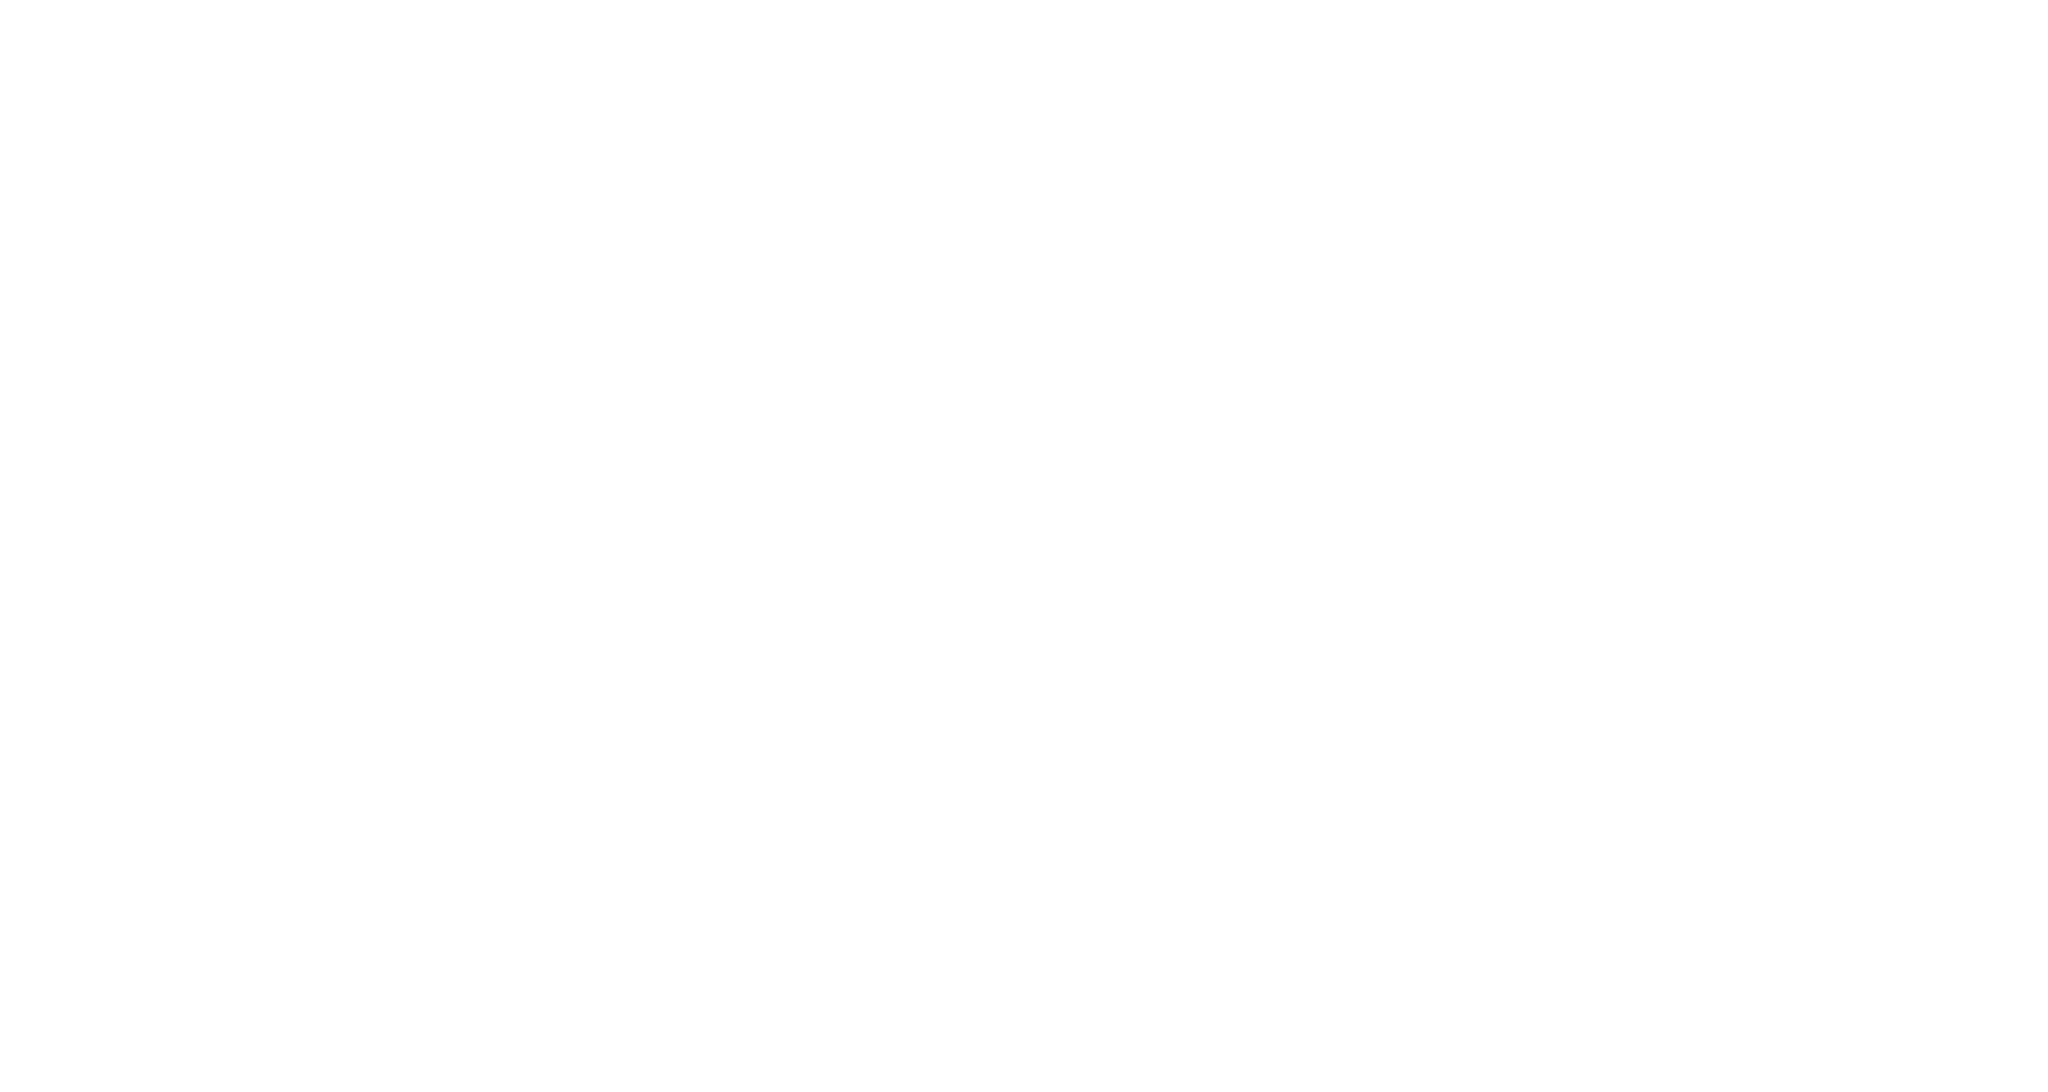 TΟ ΜΑΤΡΙΞ ΤΟΥ ΕΛΕΓΧΟΥ ΣΥΝΤΡΙΒΕΤΑΙ, ΕΠΕΙΔΗ ΟΙ ΑΝΑΖΗΤΗΤΕΣ ΤΗΣ ΑΛΗΘΕΙΑΣ ΝΙΚΟΥΝ